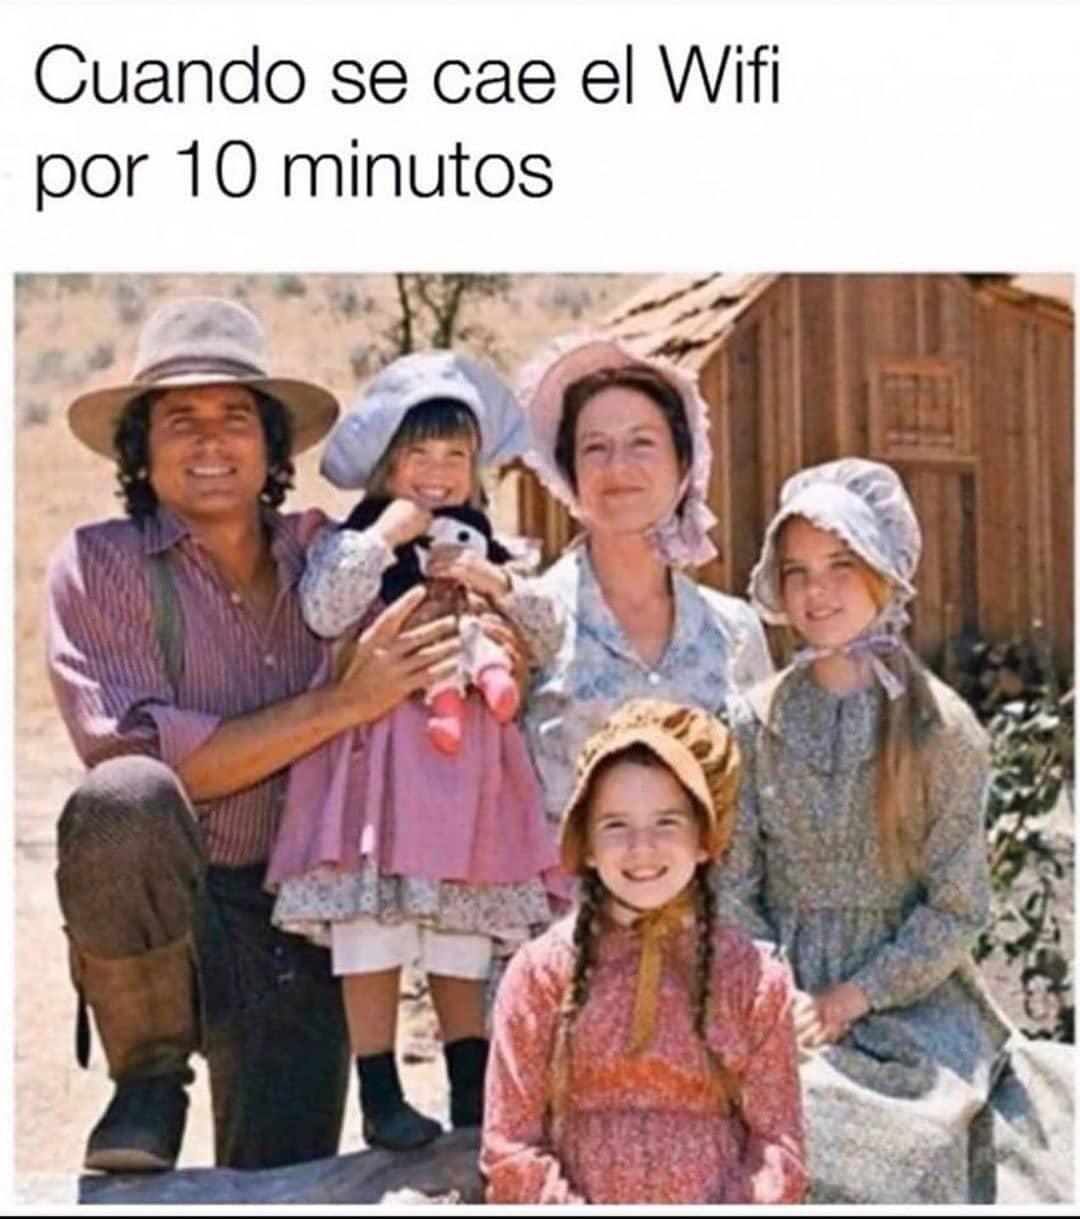 Cuando se cae el Wifi por 10 minutos.